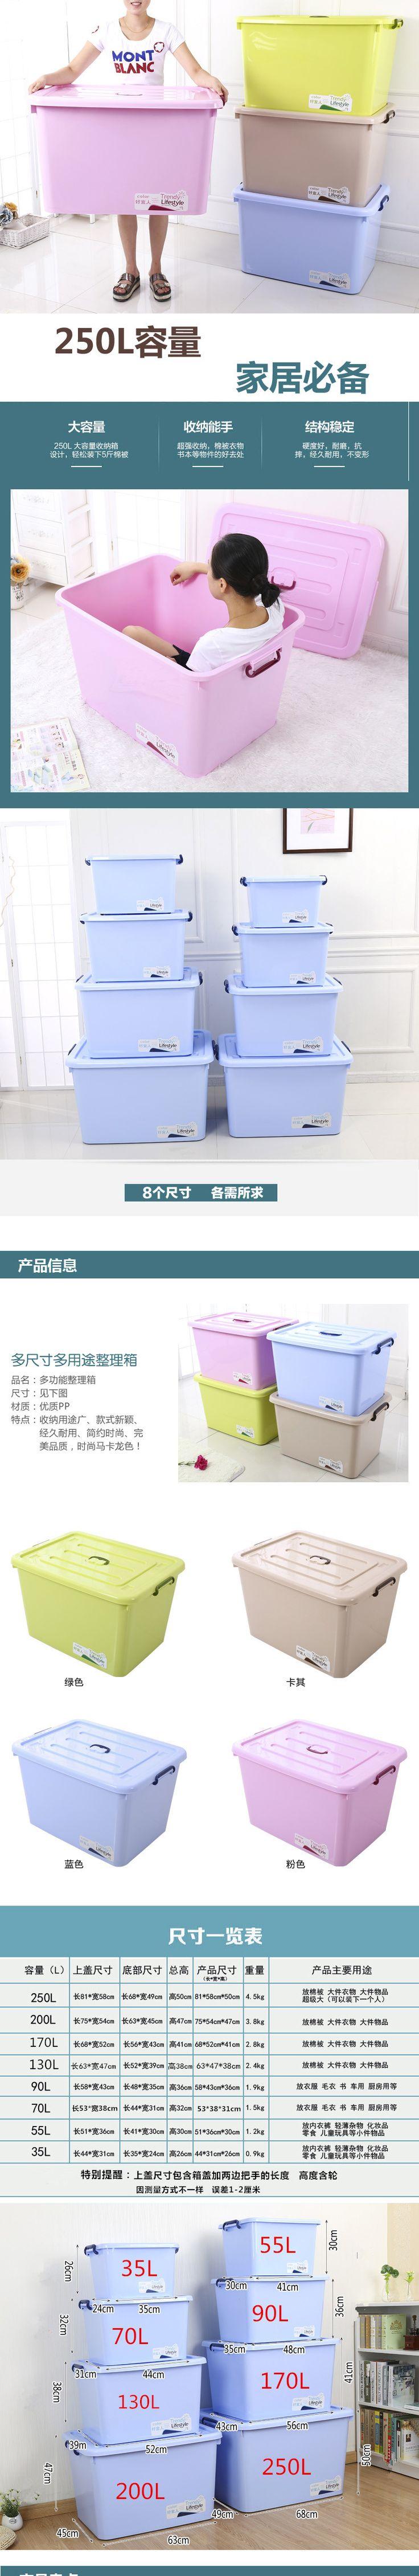 250Л Размер Кинг экстра толстый пластиковый ящик для хранения одеяло одежда для хранения игрушек коробка для хранения автомобилей отделка коробки колеса-Таобао